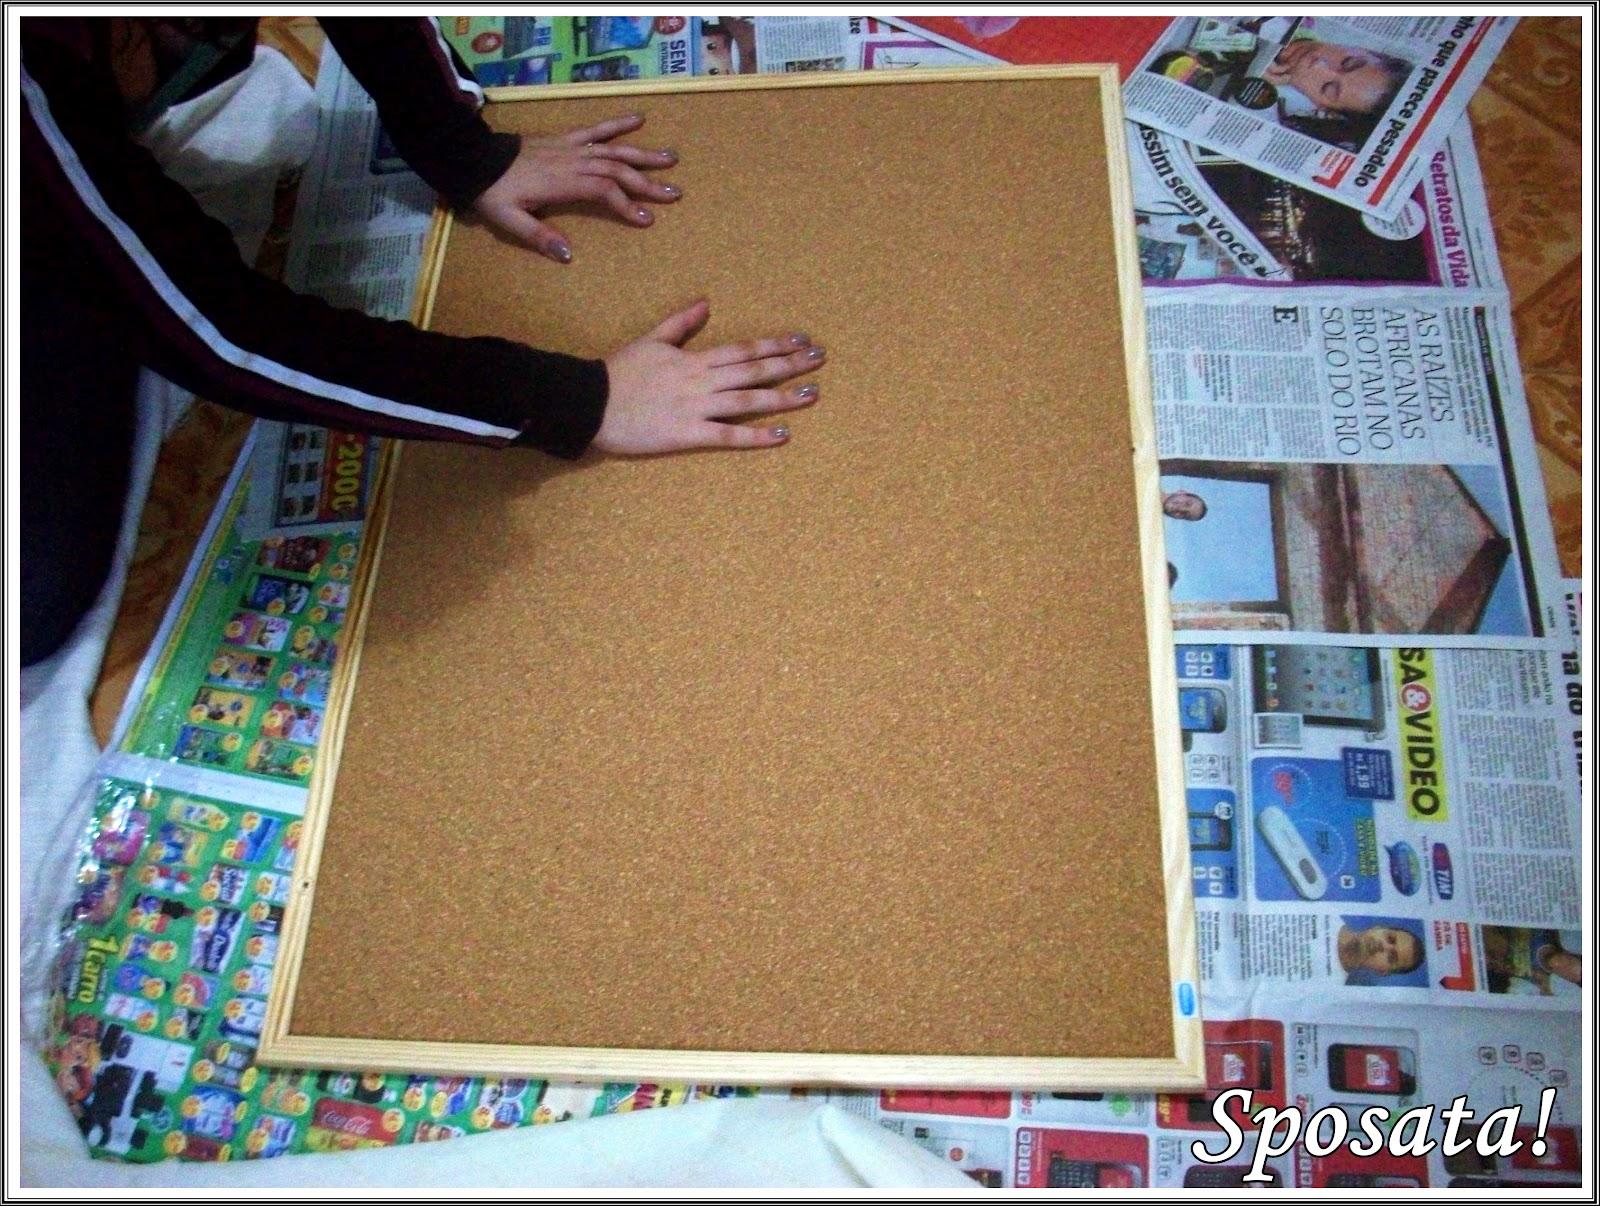 Sposata passo a passo mural de fotos recados forrado for Como fazer um mural de recados